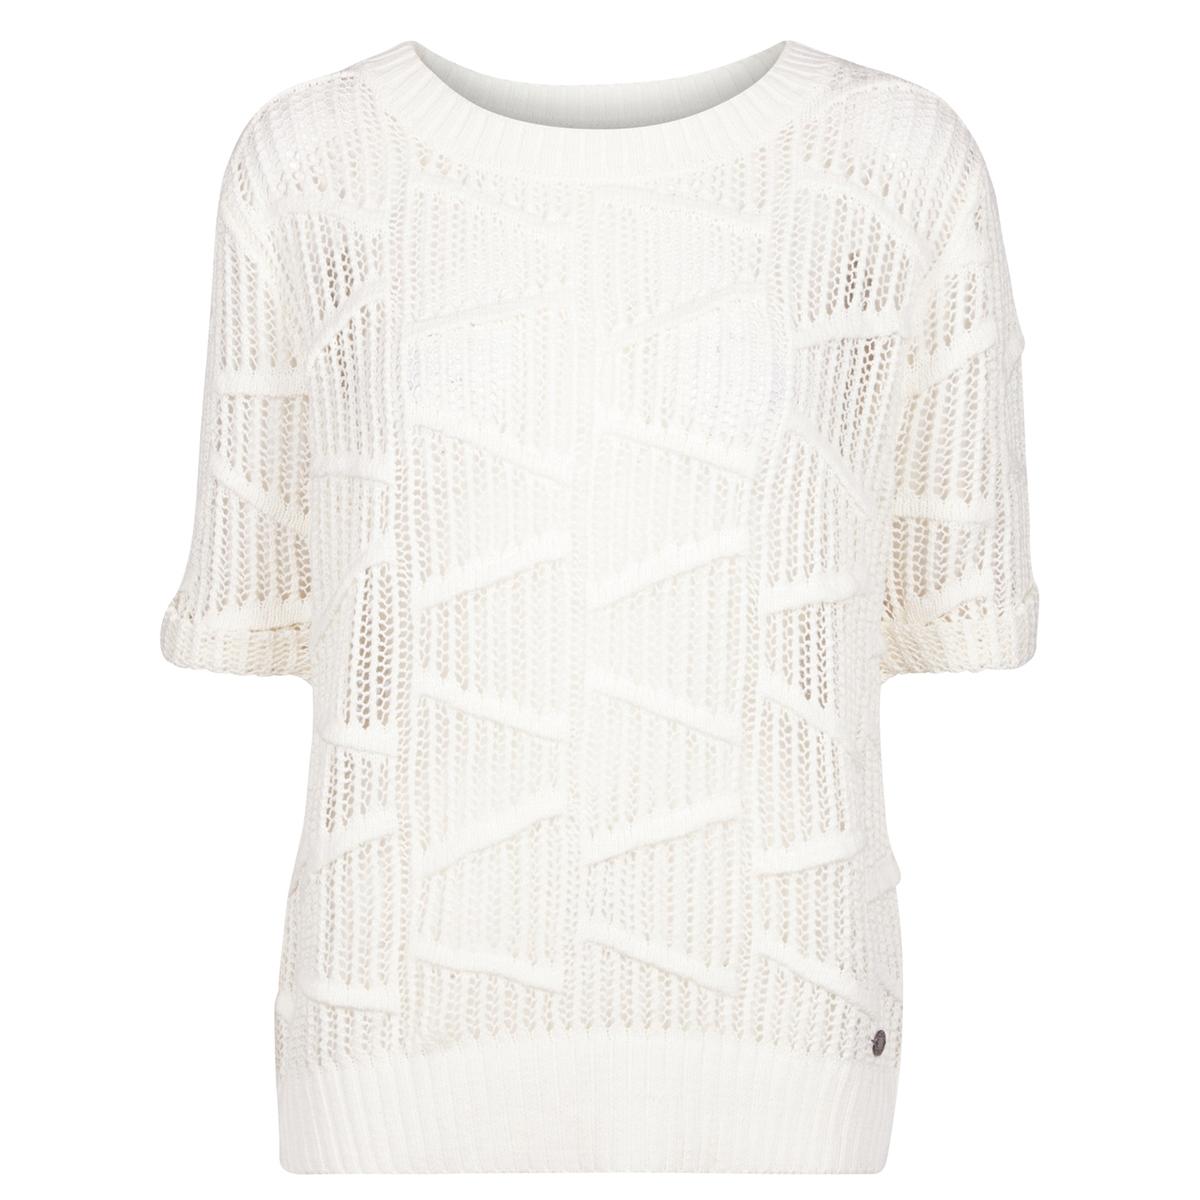 Пуловер из ажурного трикотажа с короткими рукавамиМатериал : 100% хлопок. Длина рукава : Короткие рукава Форма воротника : Круглый вырез Покрой пуловера : СтандартныйРисунок : Однотонная модель  Особенности пуловера : ажурный<br><br>Цвет: экрю